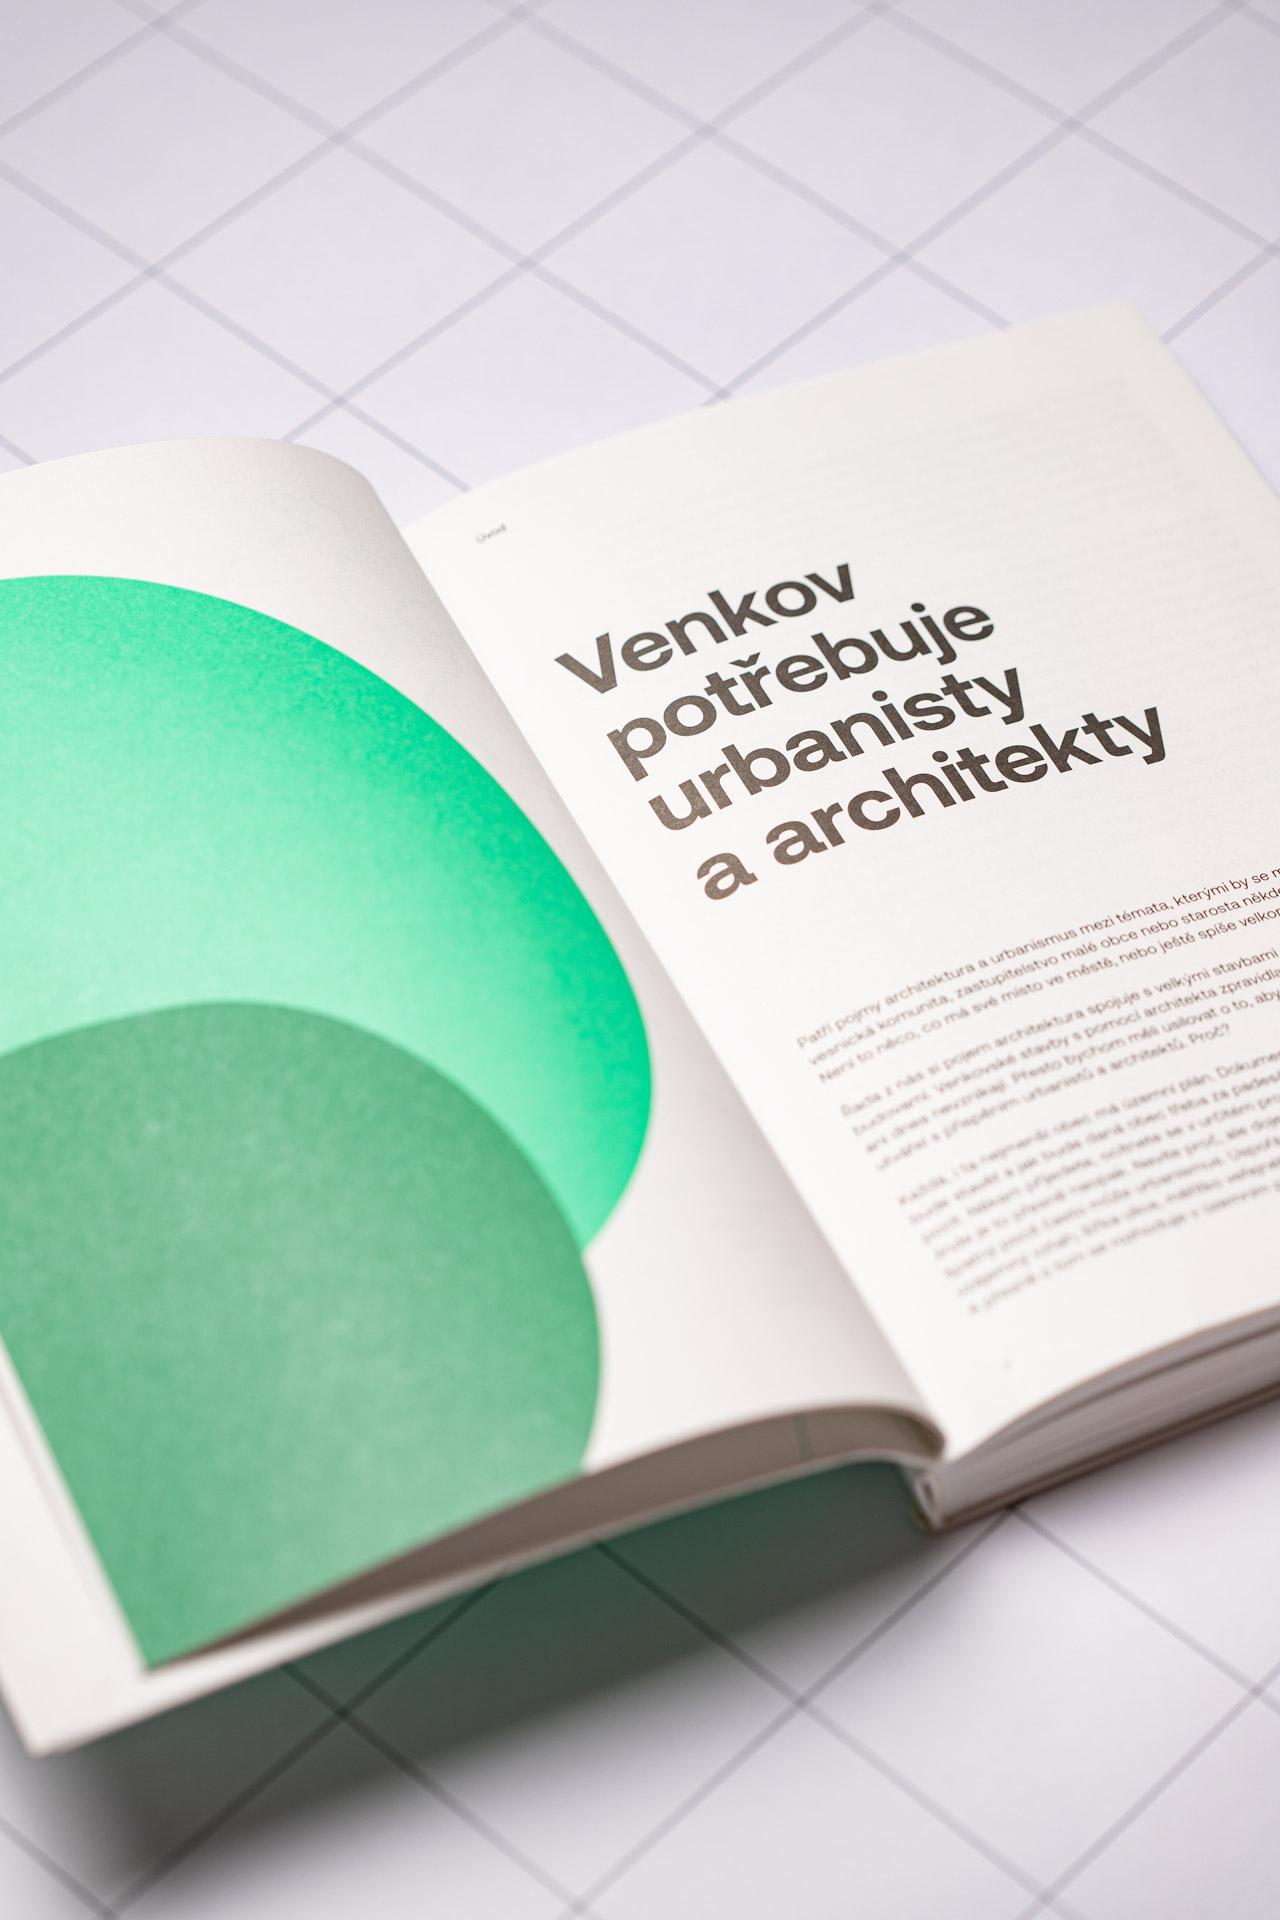 Nakladatelství Meziměsto kniha Možnosti vesnice –úvod – Věslav-Michalik – Venkov potřebuje urbanisty a architekty